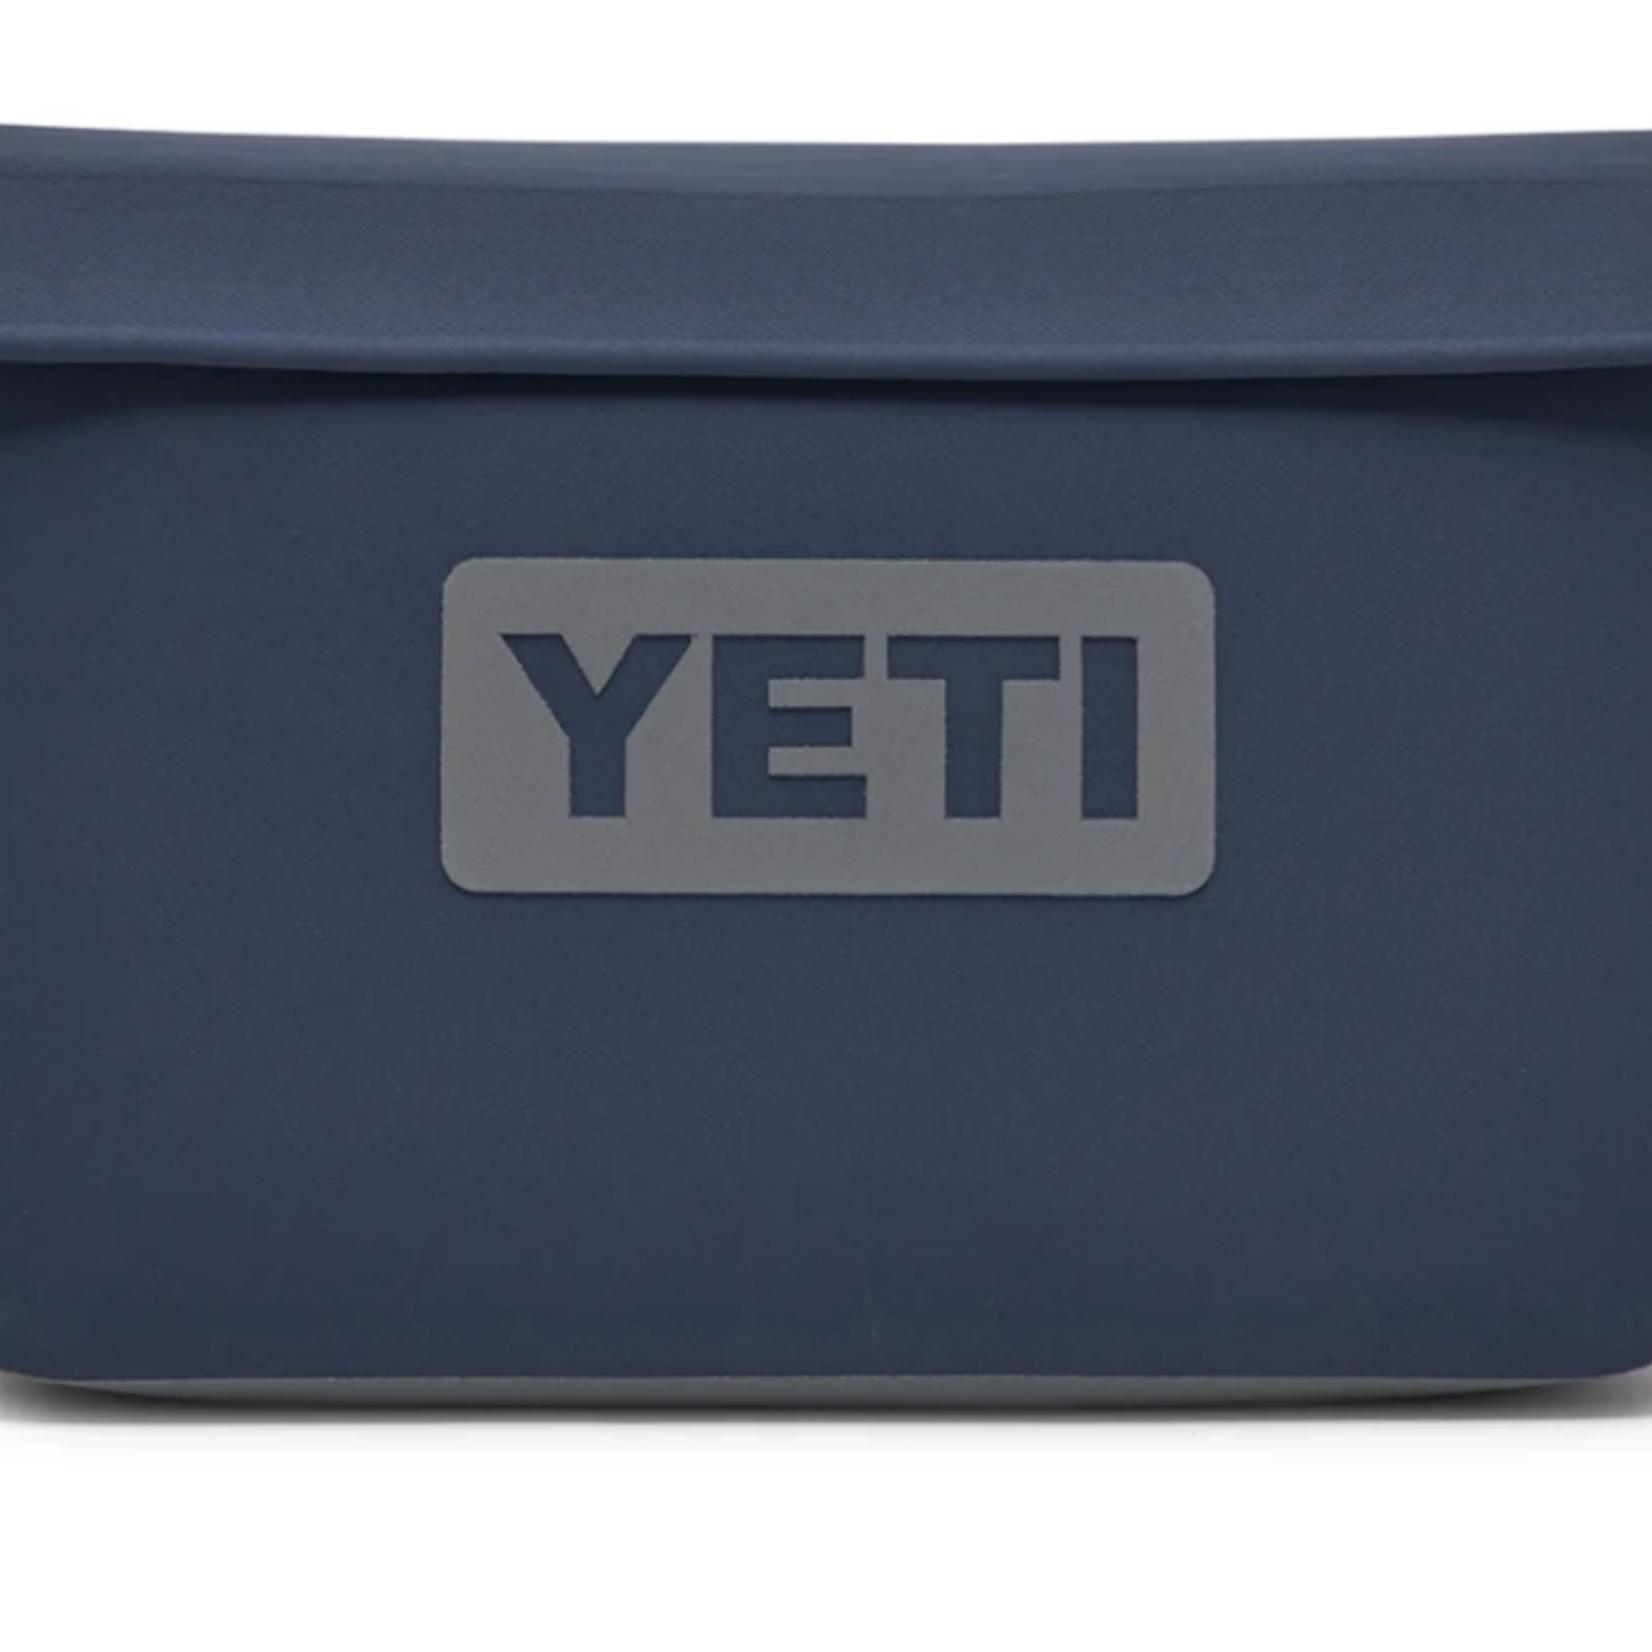 Yeti Yeti Sidekick Dry - P-117490